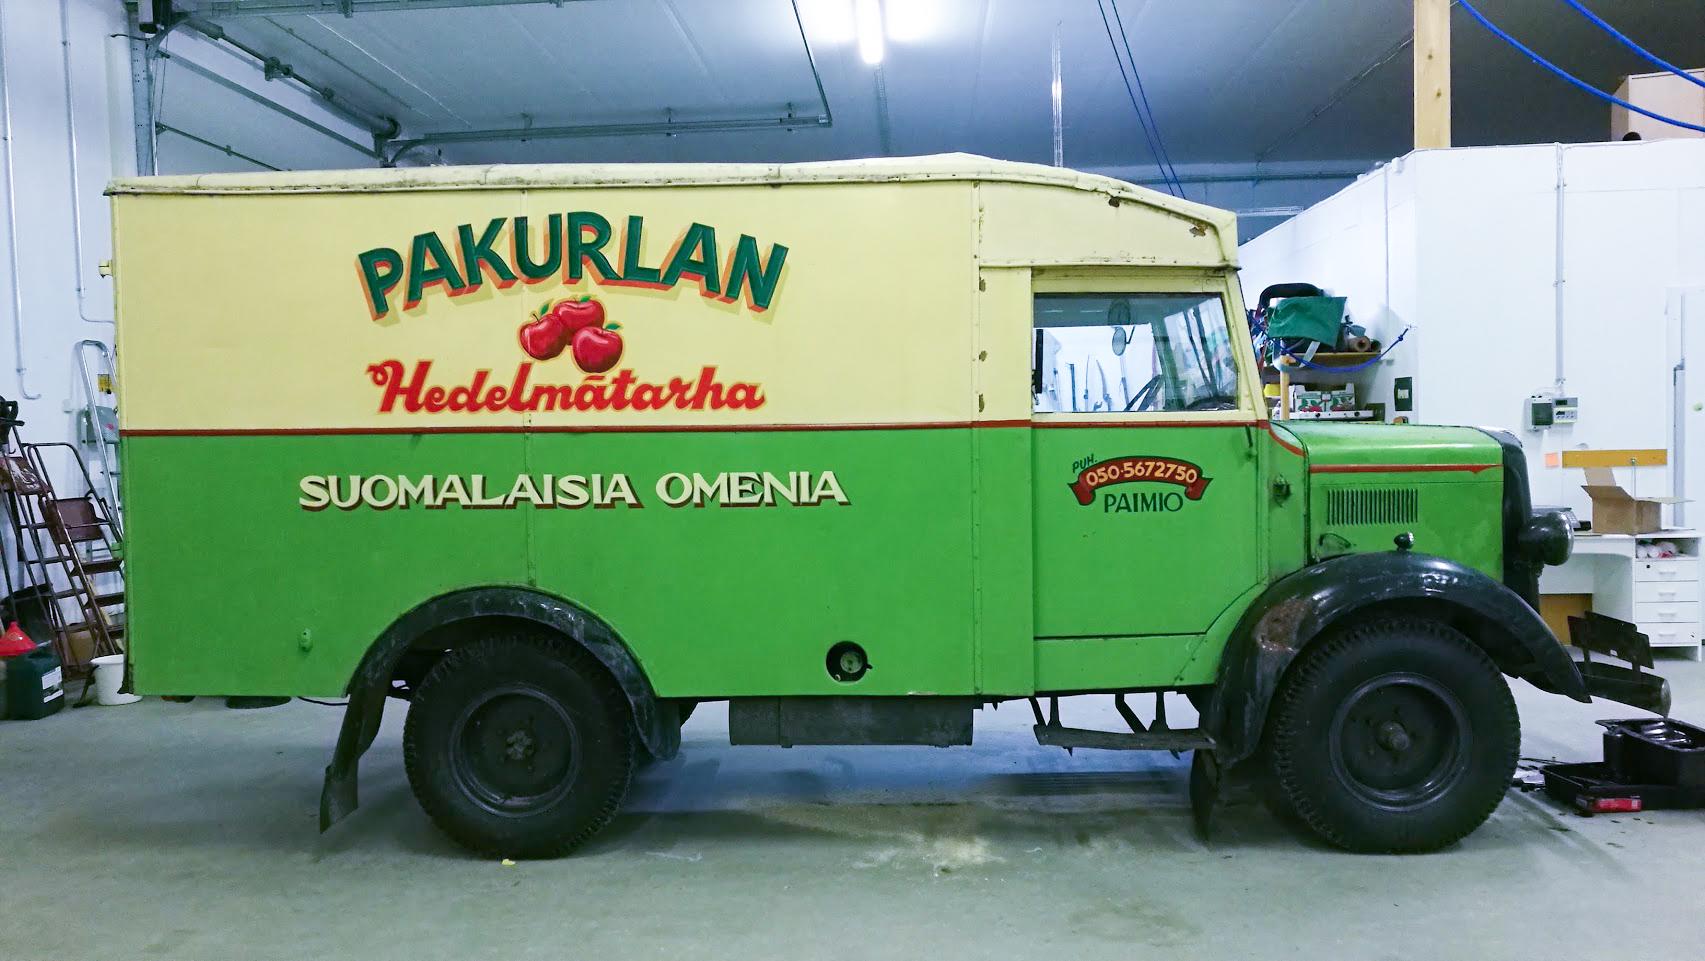 Omenafarmin näyttelykuljetuspakettiauton maalaus - Apple farmer truck